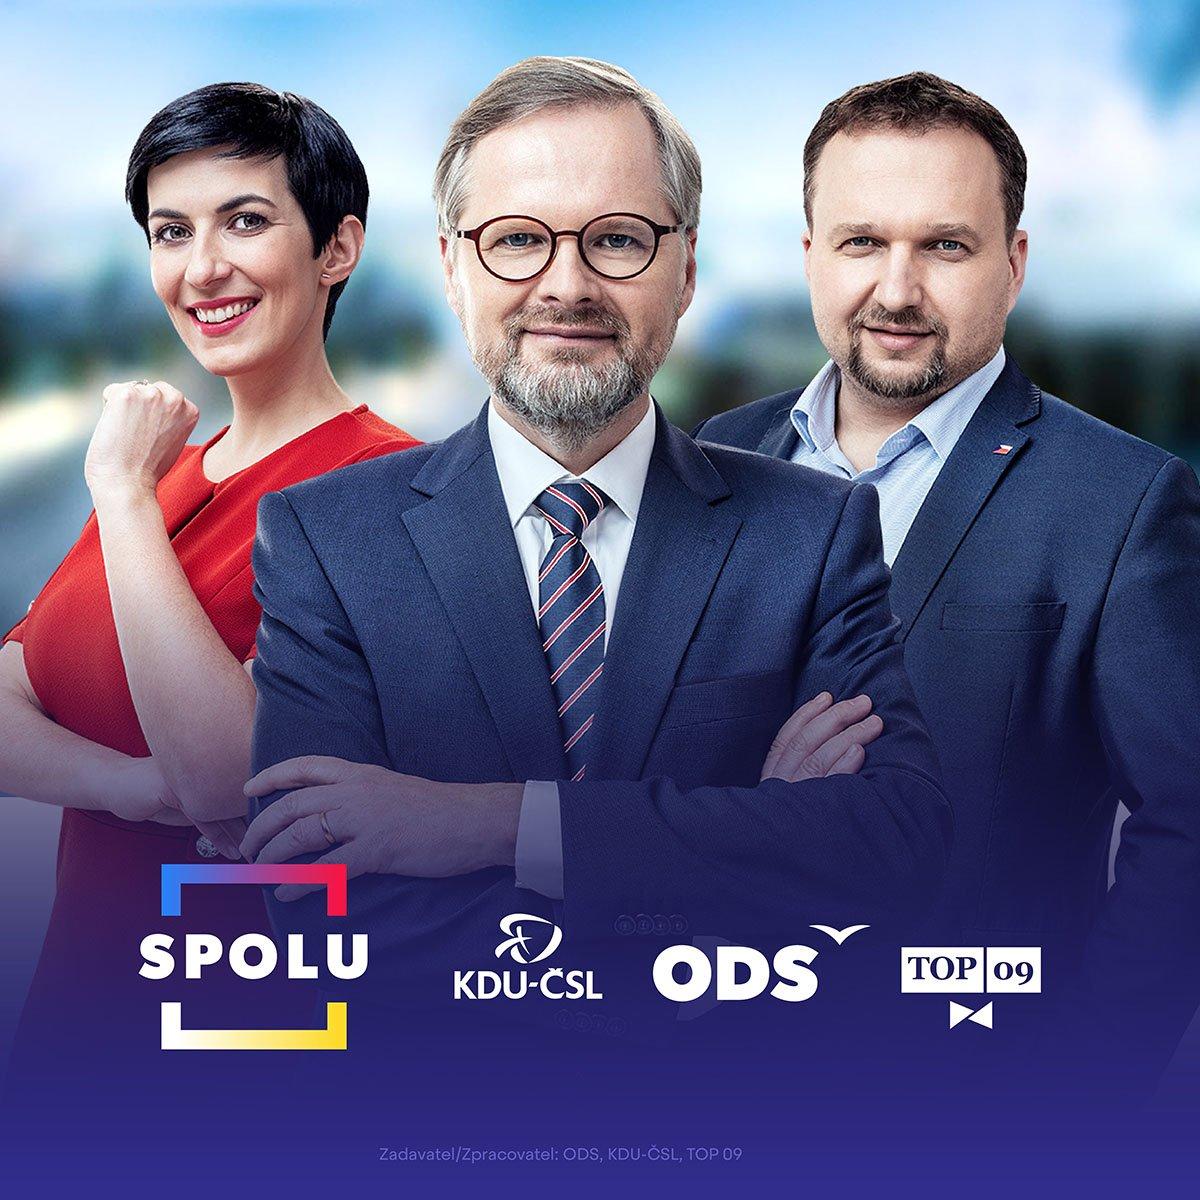 """SPOLU: Představujeme program """"SPOLU dáme Česko dohromady"""" a kandidáty do sněmovních voleb"""